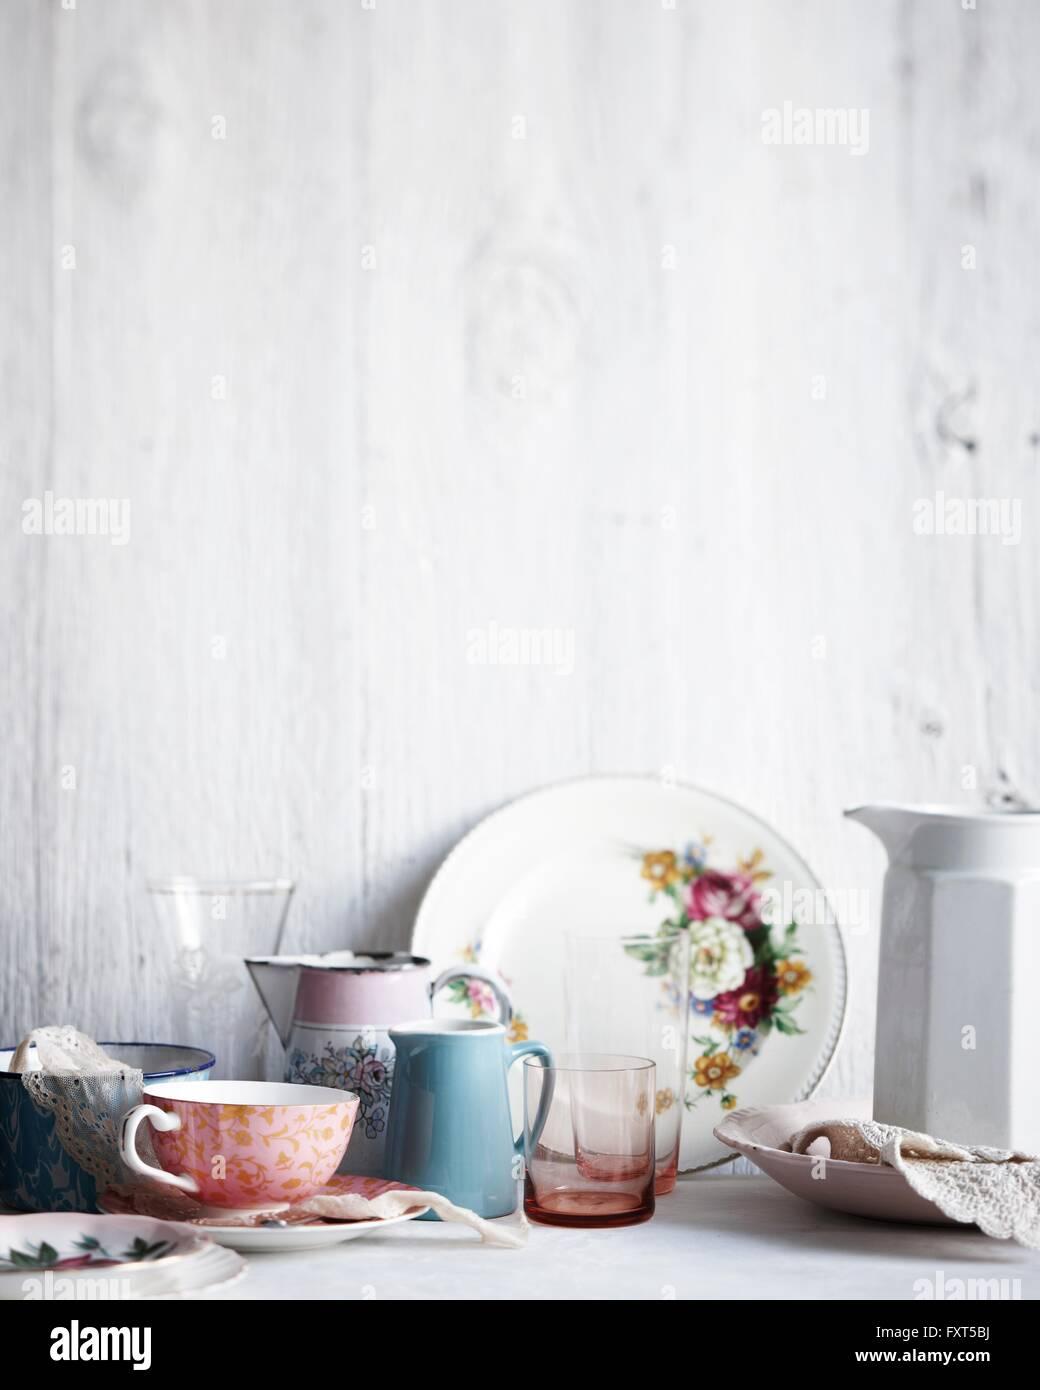 Varietà di bicchieri, piatti e brocche sulla tavola dipinta di bianco Immagini Stock